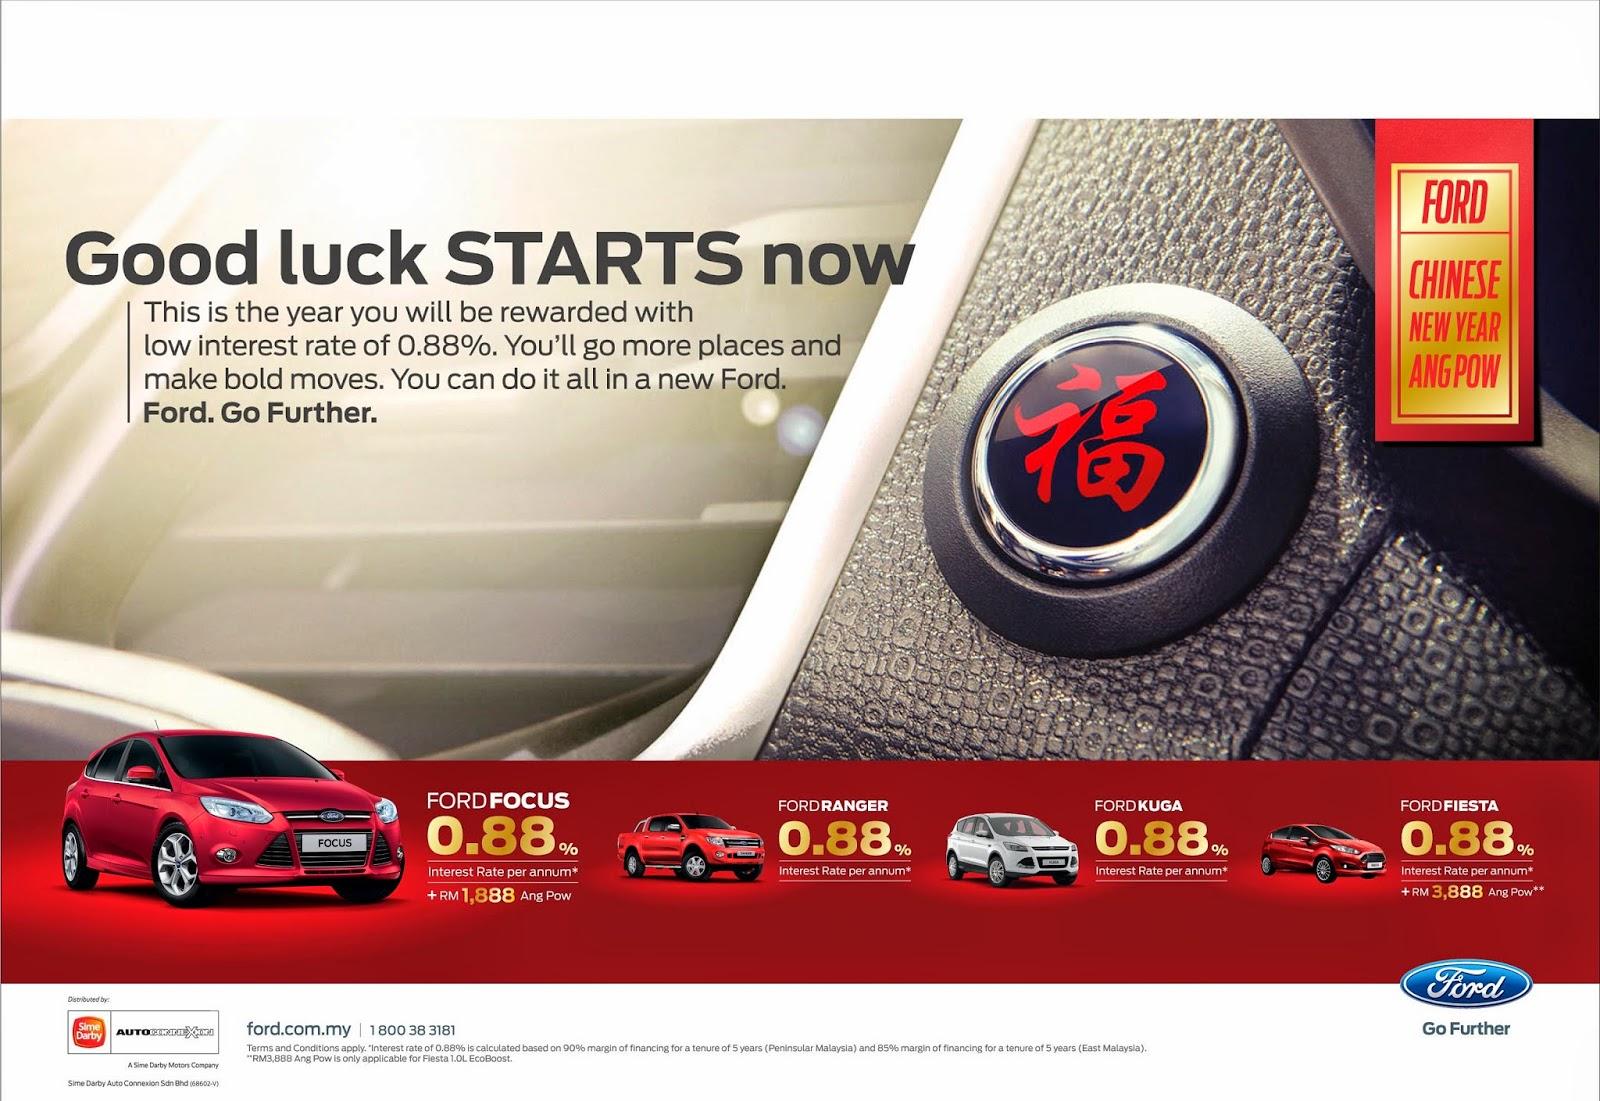 Ford Raikan Tahun Baru Cina Dengan Promosi Kadar Faedah Rendah 0 88 dan Rebat Tunai